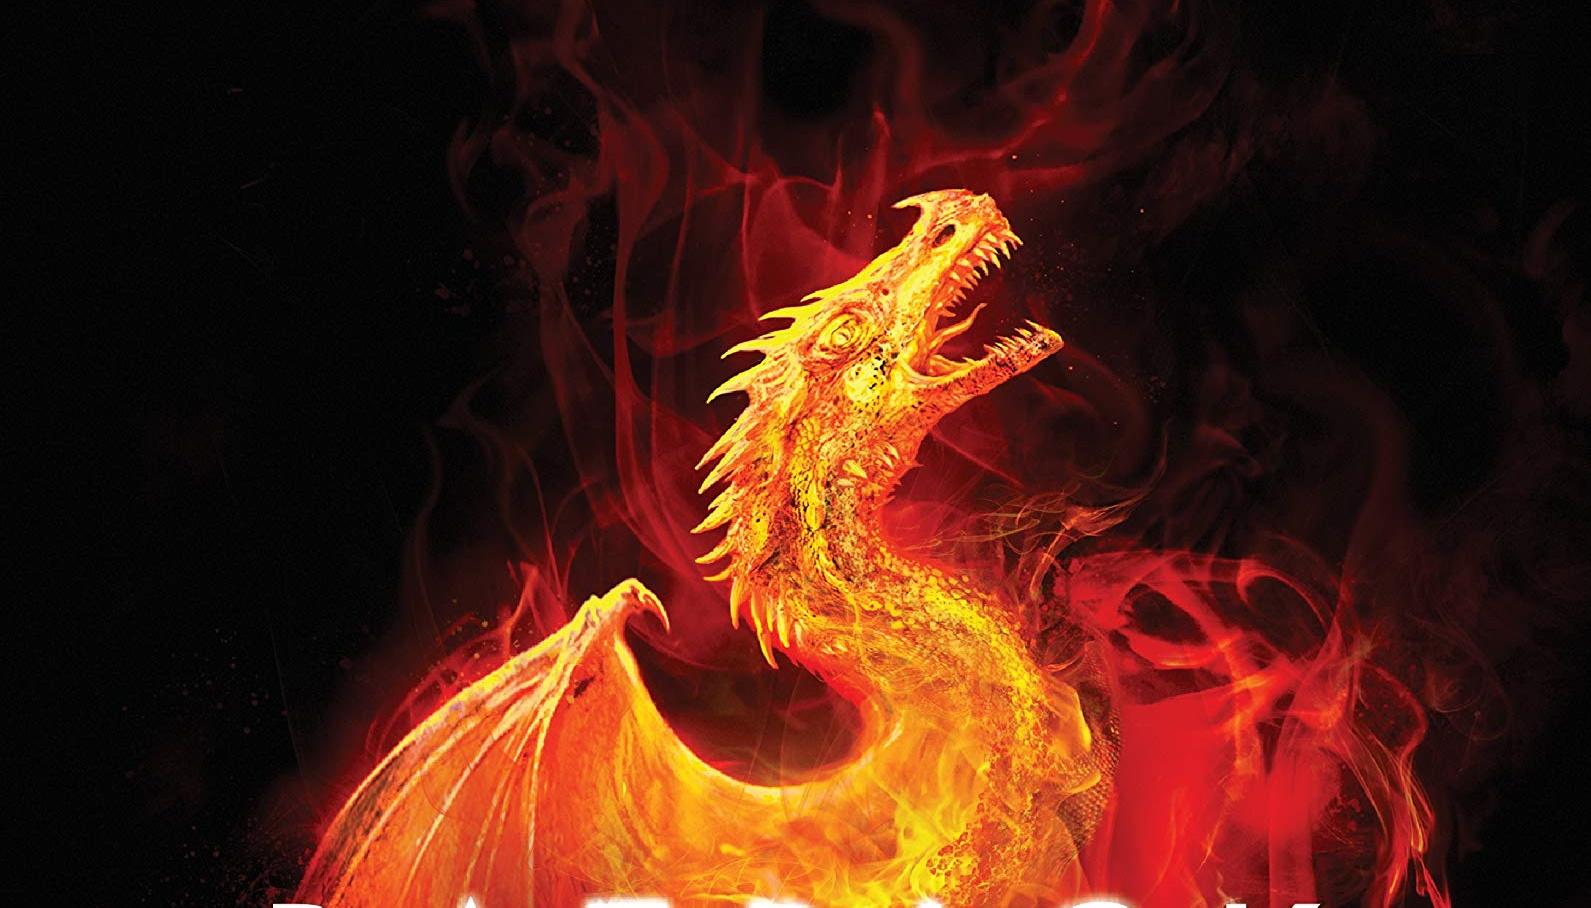 Burn de Patrick Ness bientôt adapté pour la télévision